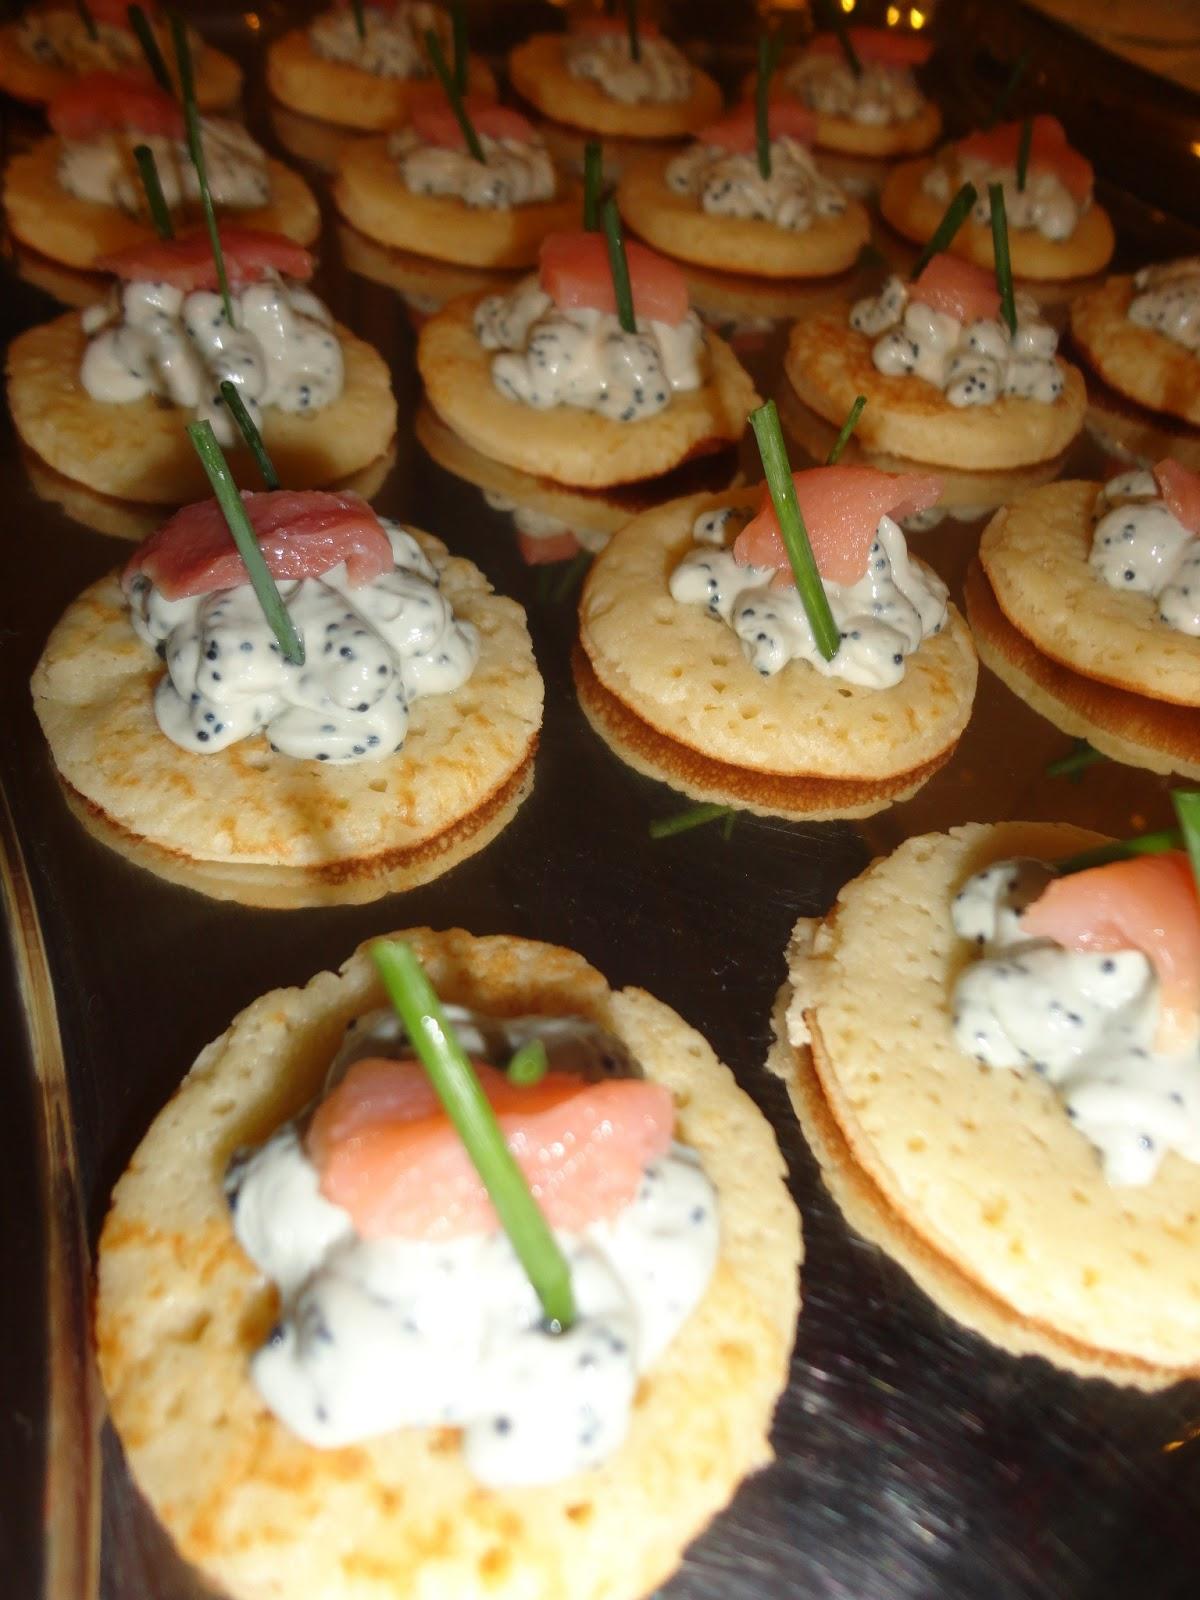 Raquel amaral por es gourmet canap de caviar e salm o for Canape de caviar